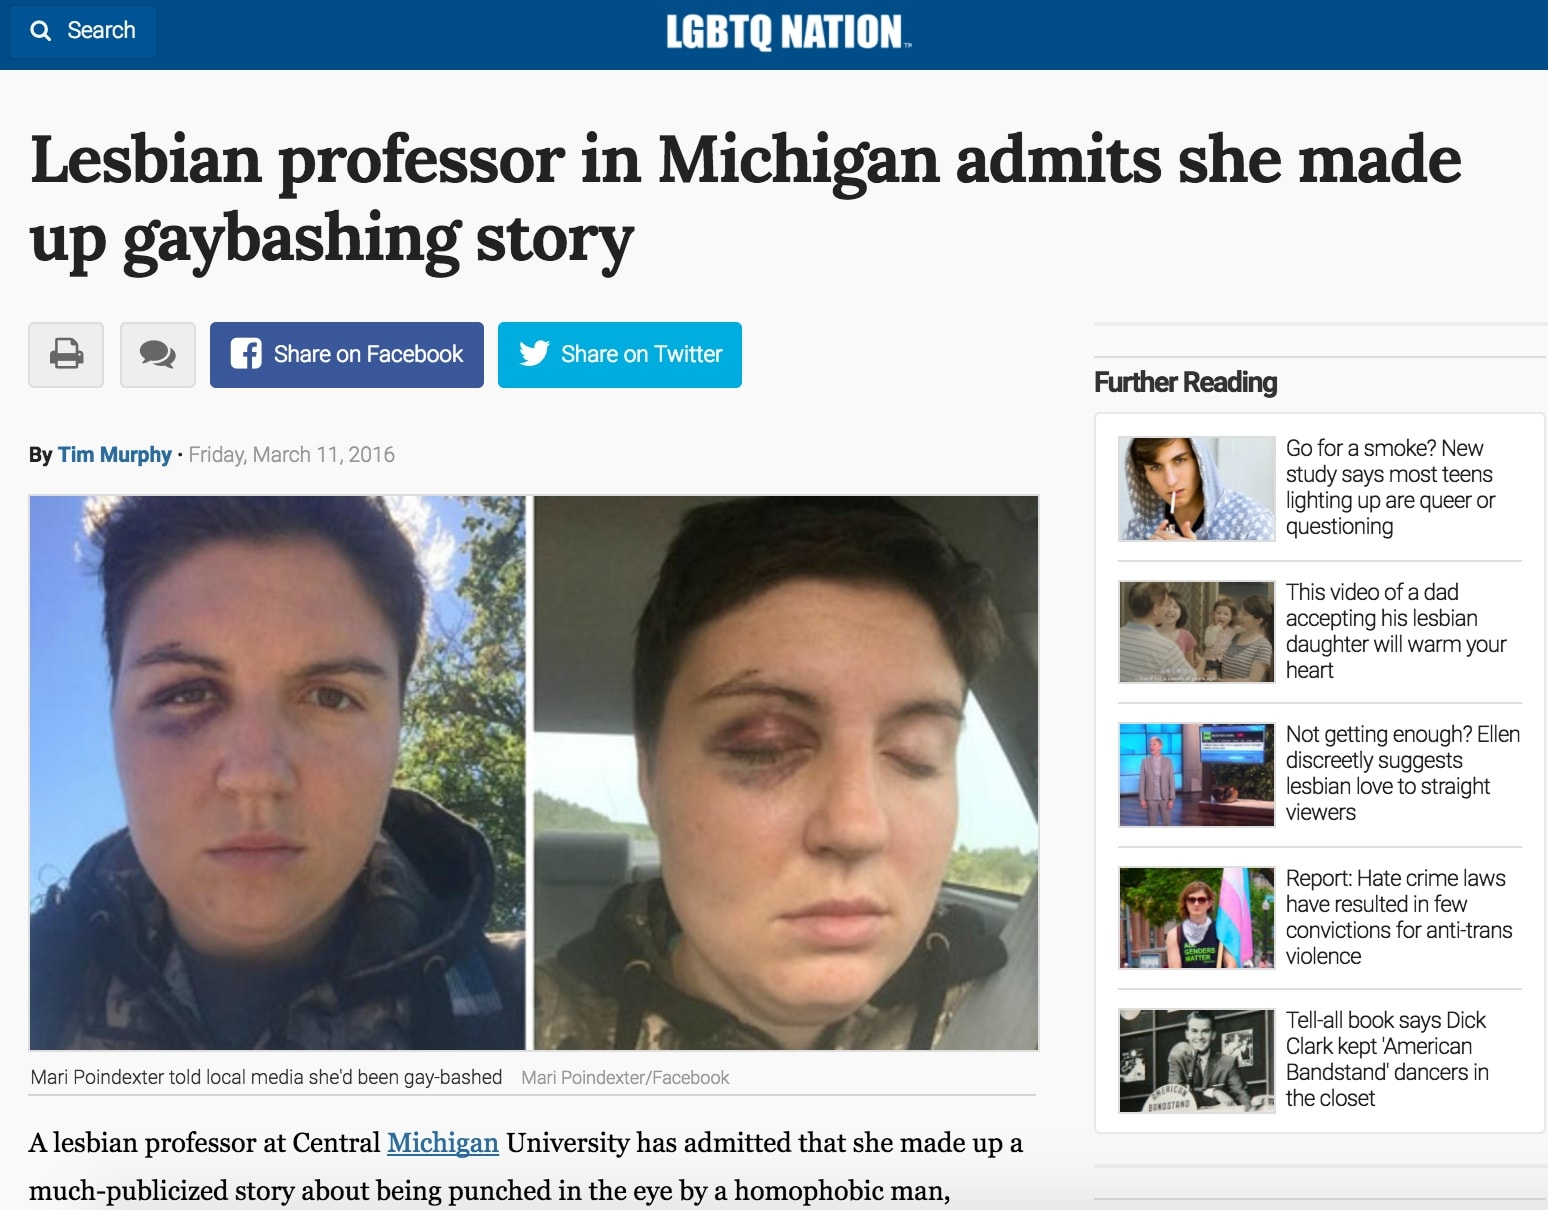 Michigan gay attacks